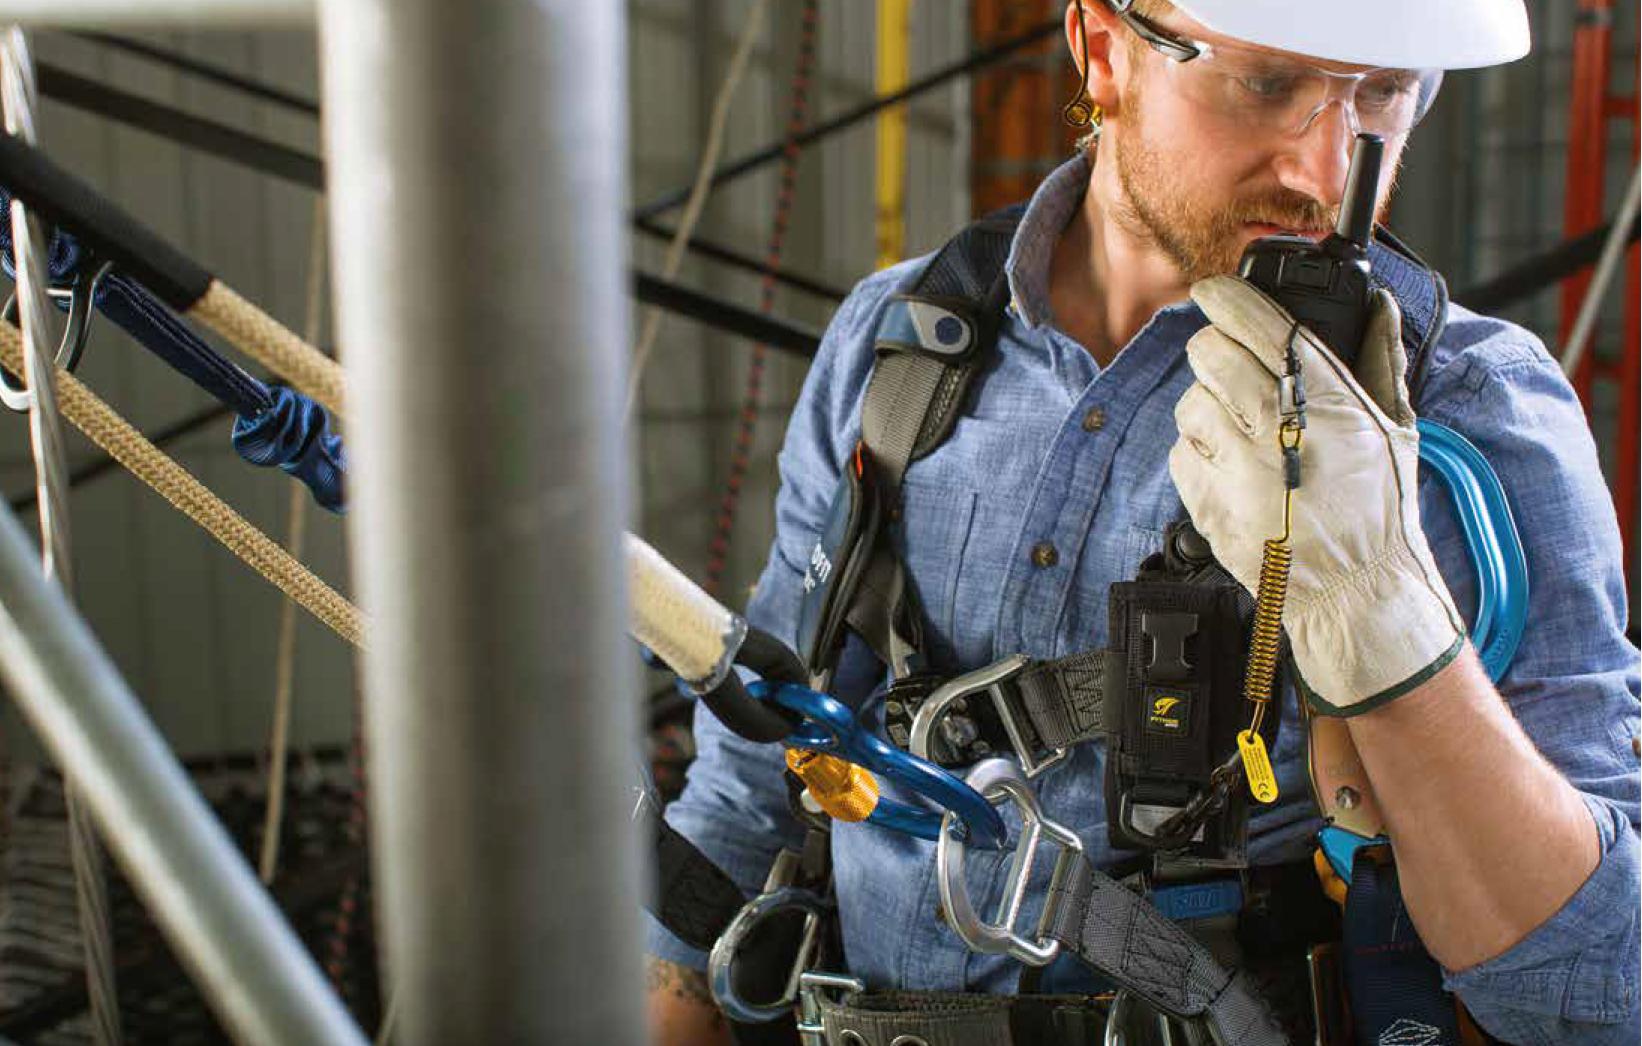 Veilig werken zonder het gevaar van vallend gereedschap